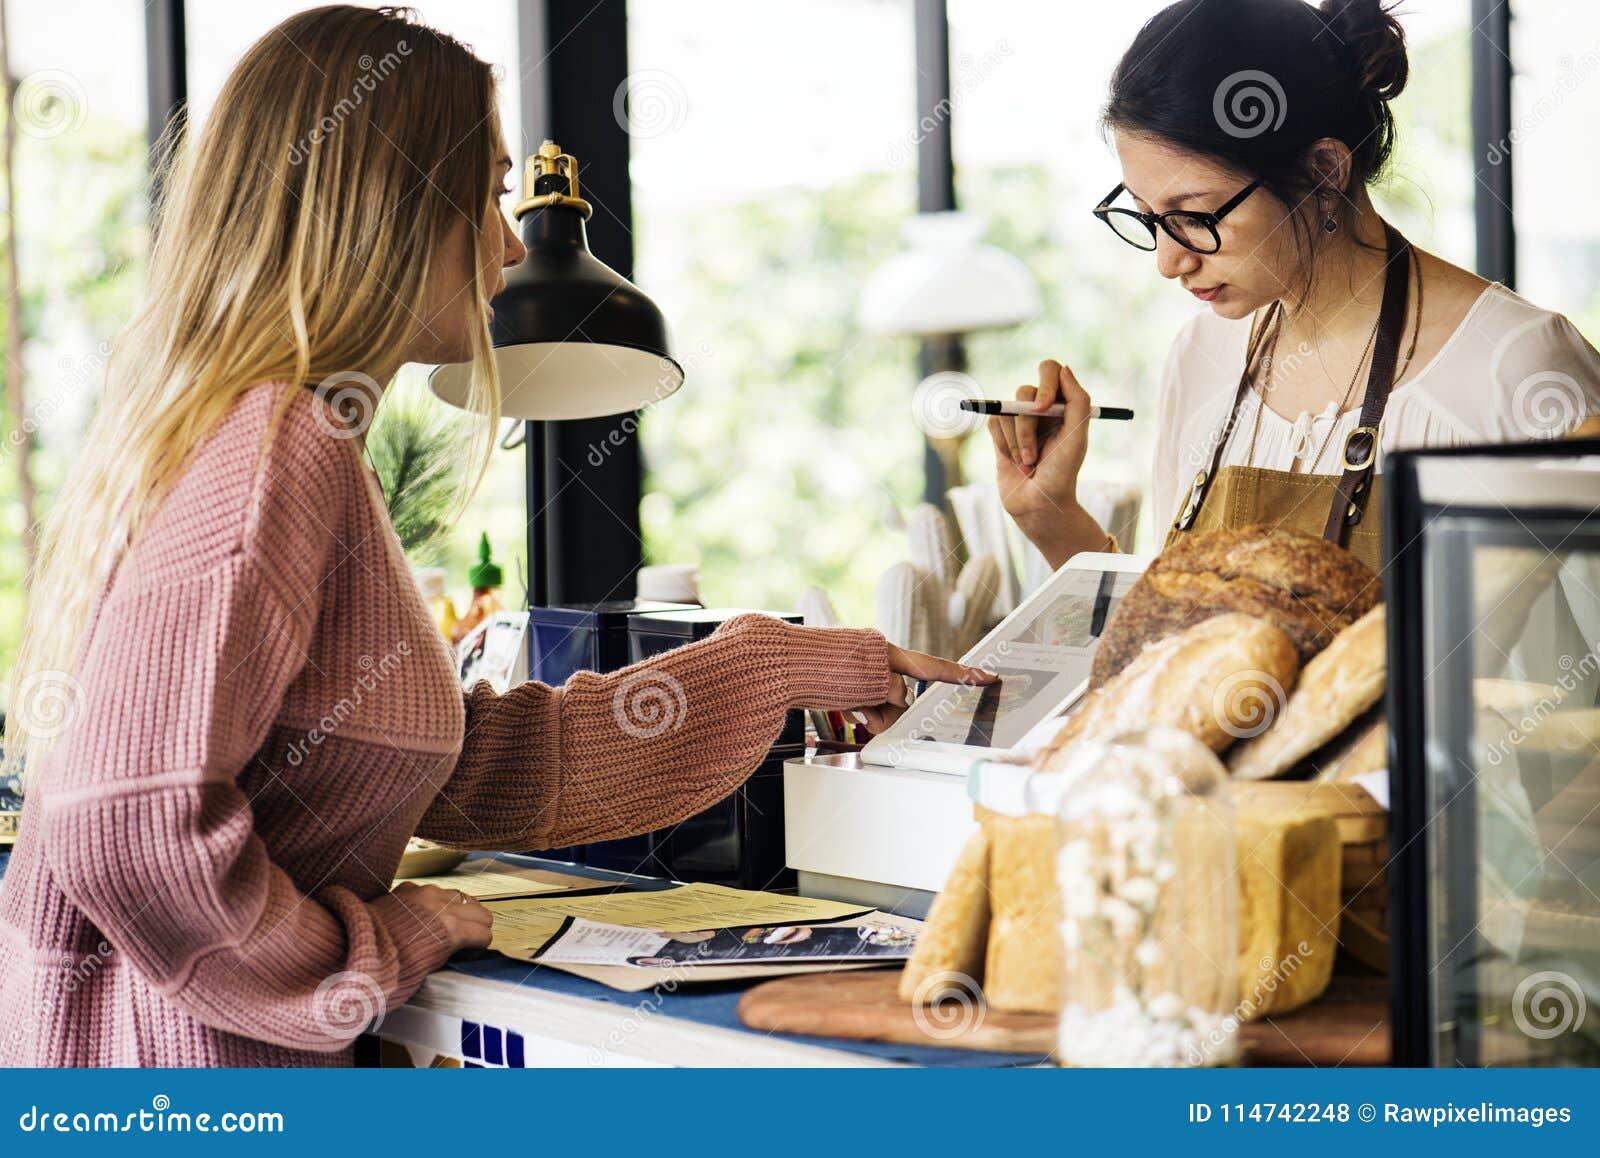 Pâtisserie de commande de client au compteur